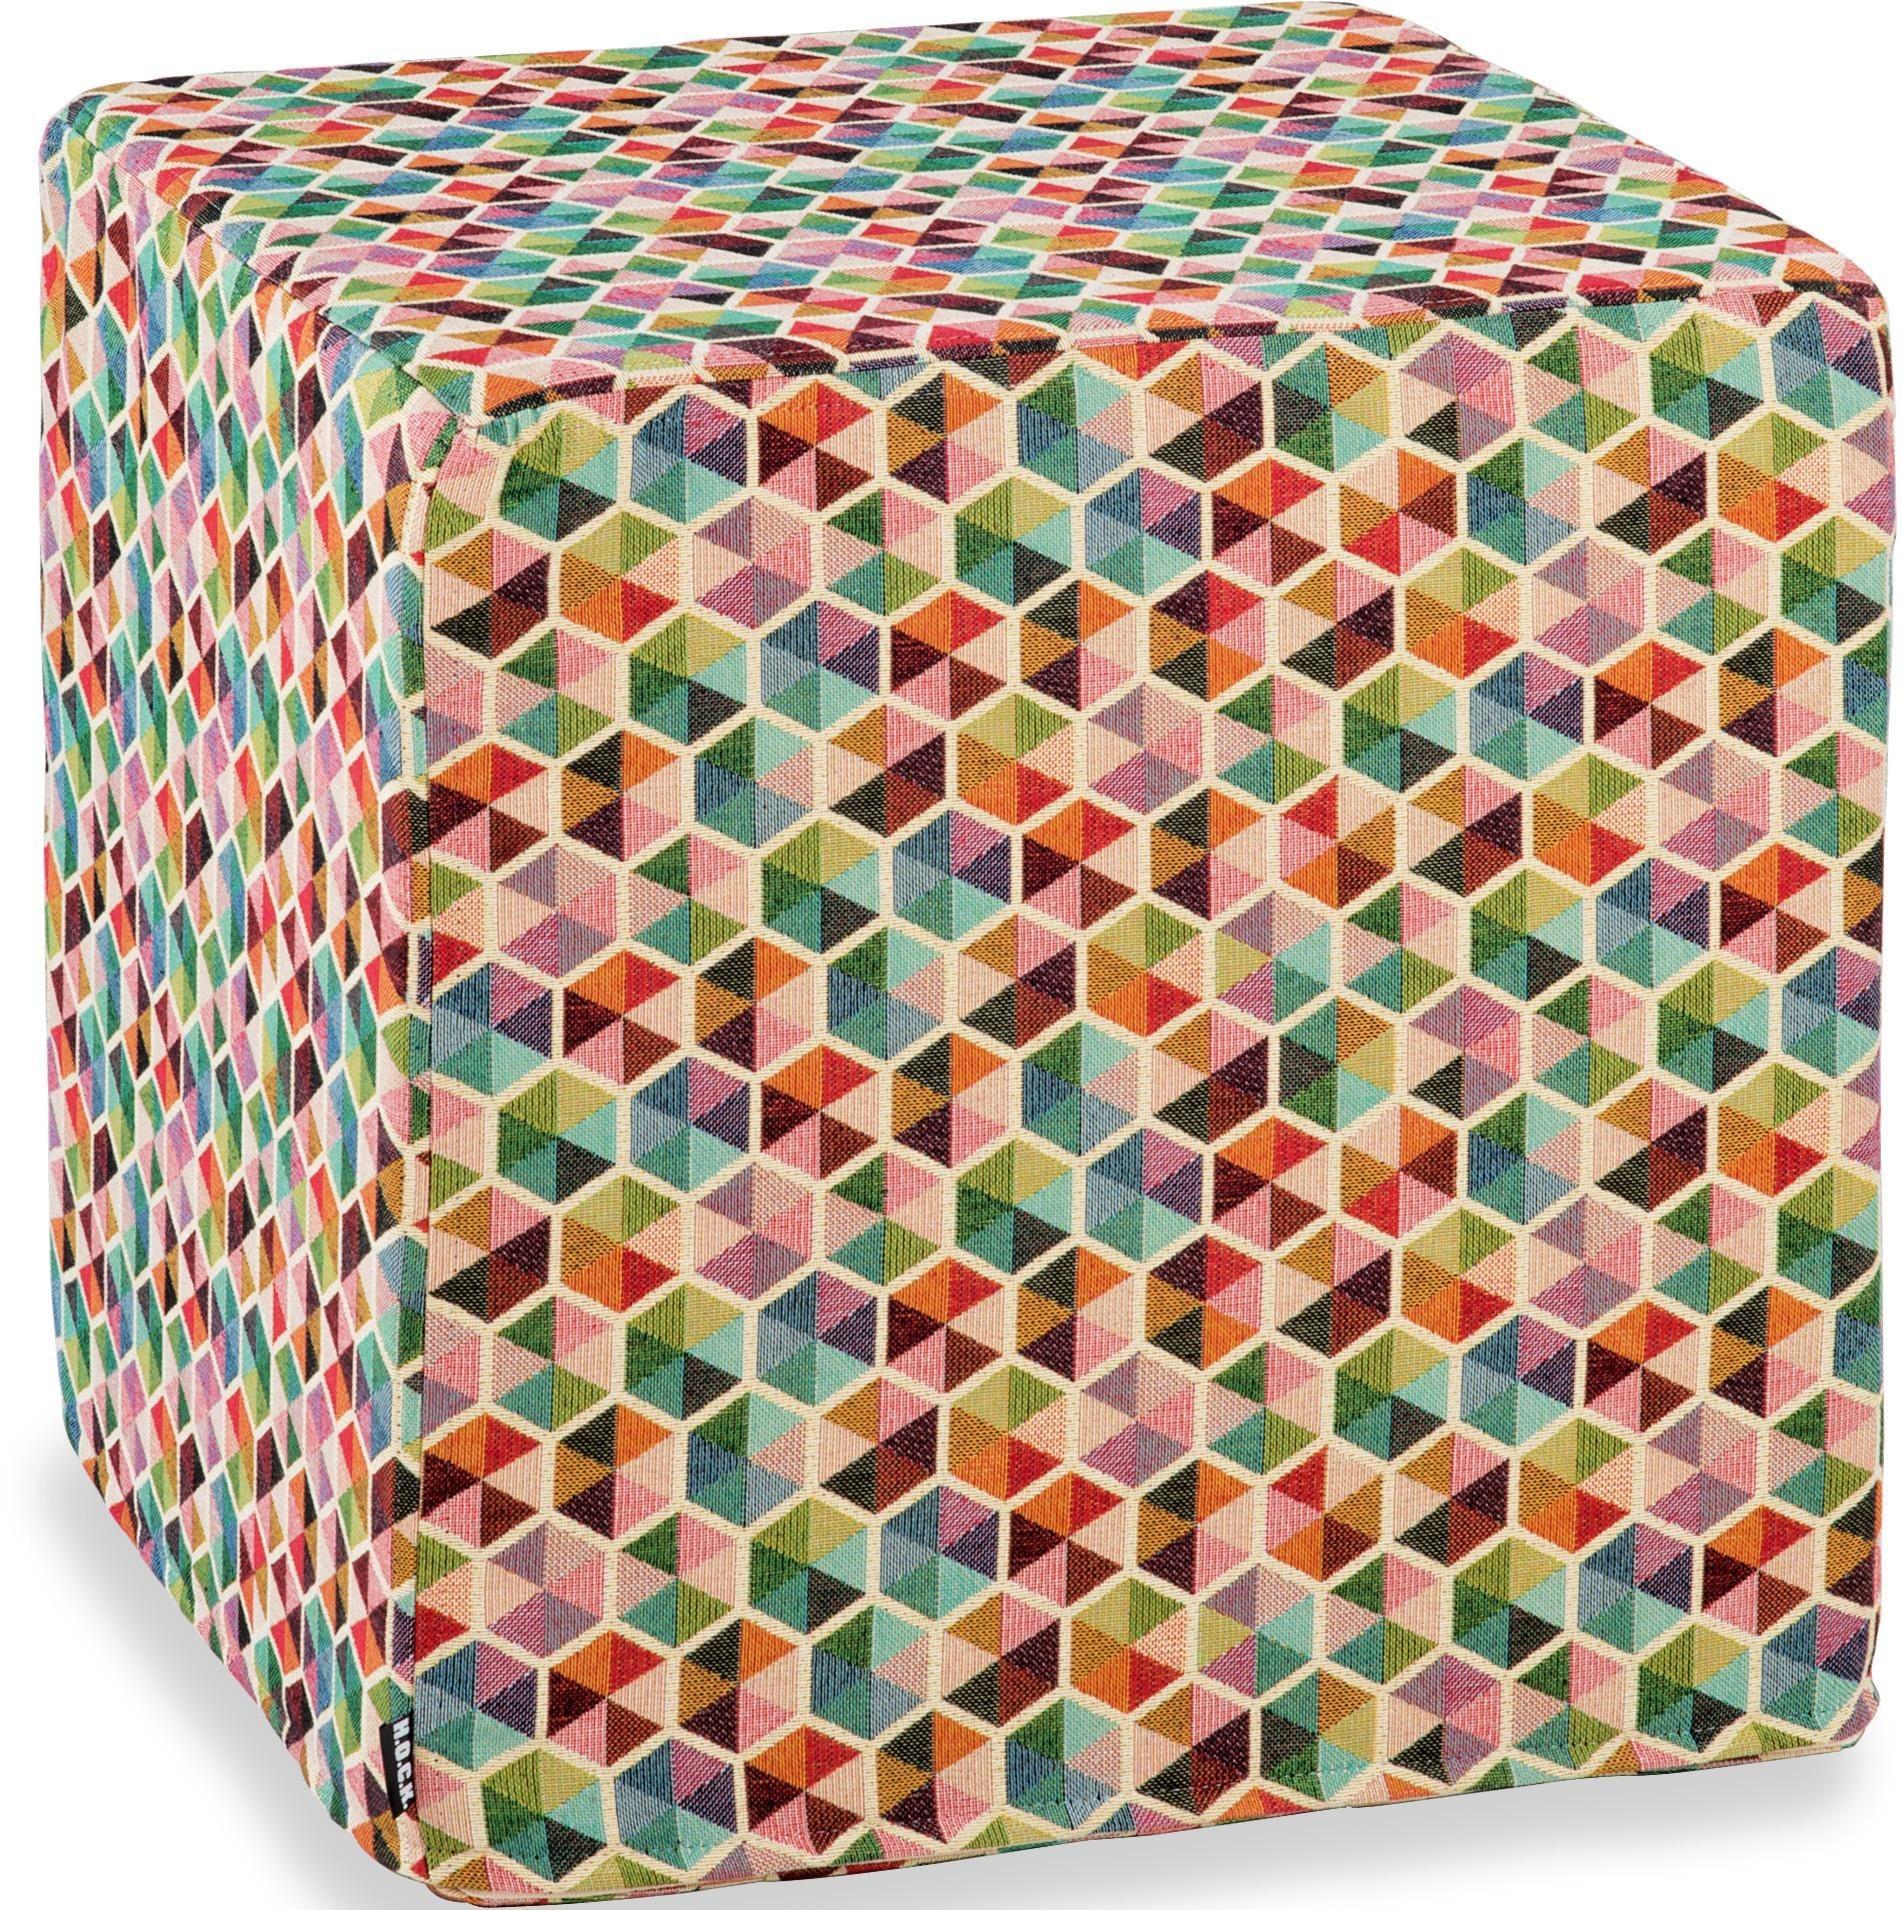 Hock Sitzwürfel »Akasma«, 45/45/45 cm | Wohnzimmer > Hocker & Poufs > Sitzwürfel | Muster | Chenille | H.O.C.K.